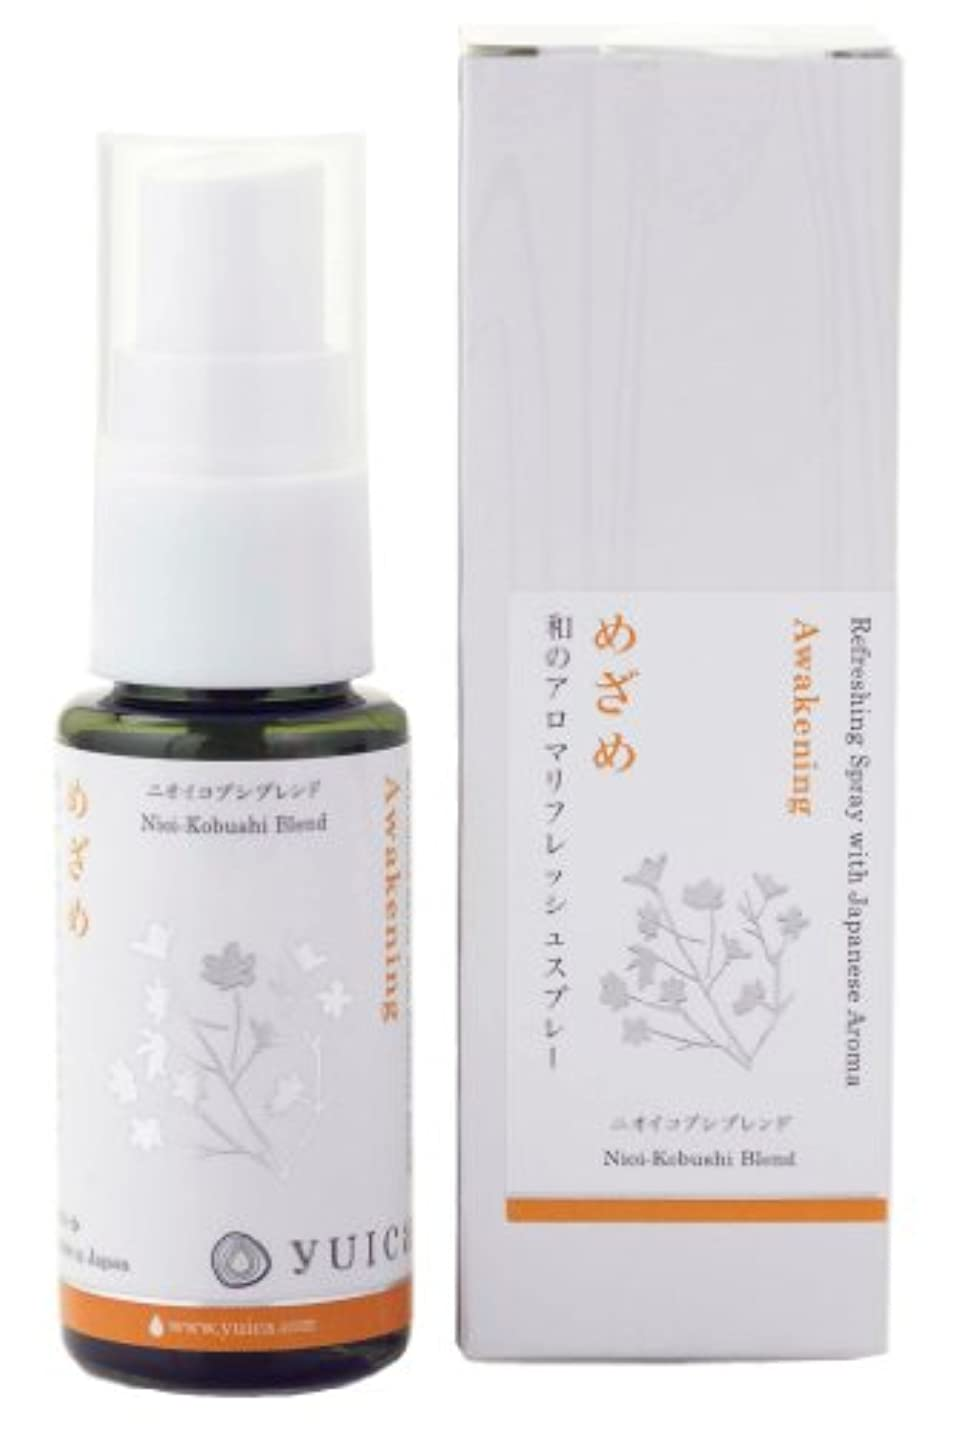 暴君あらゆる種類のそれに応じてyuica リフレッシュスプレー めざめの香り(ニオイコブシベース)30mL